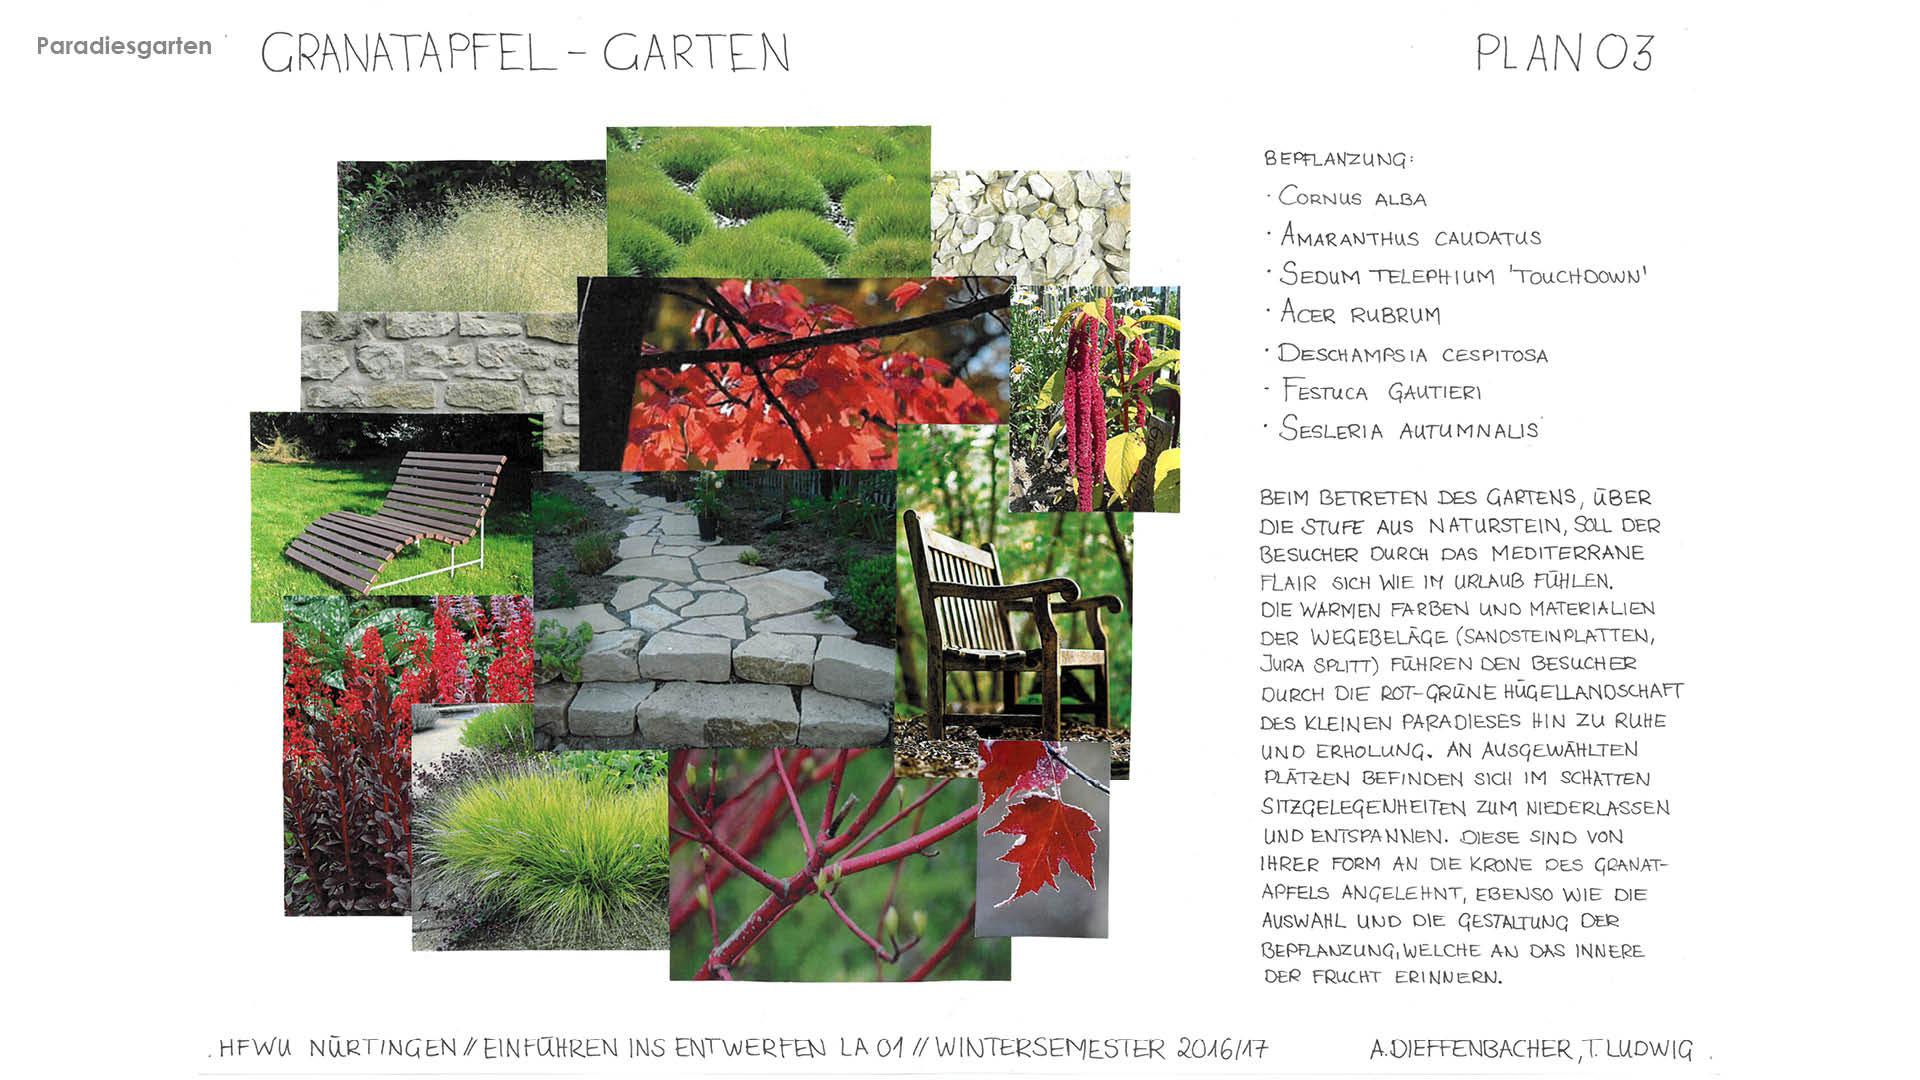 03 Paradiesgarten 2016